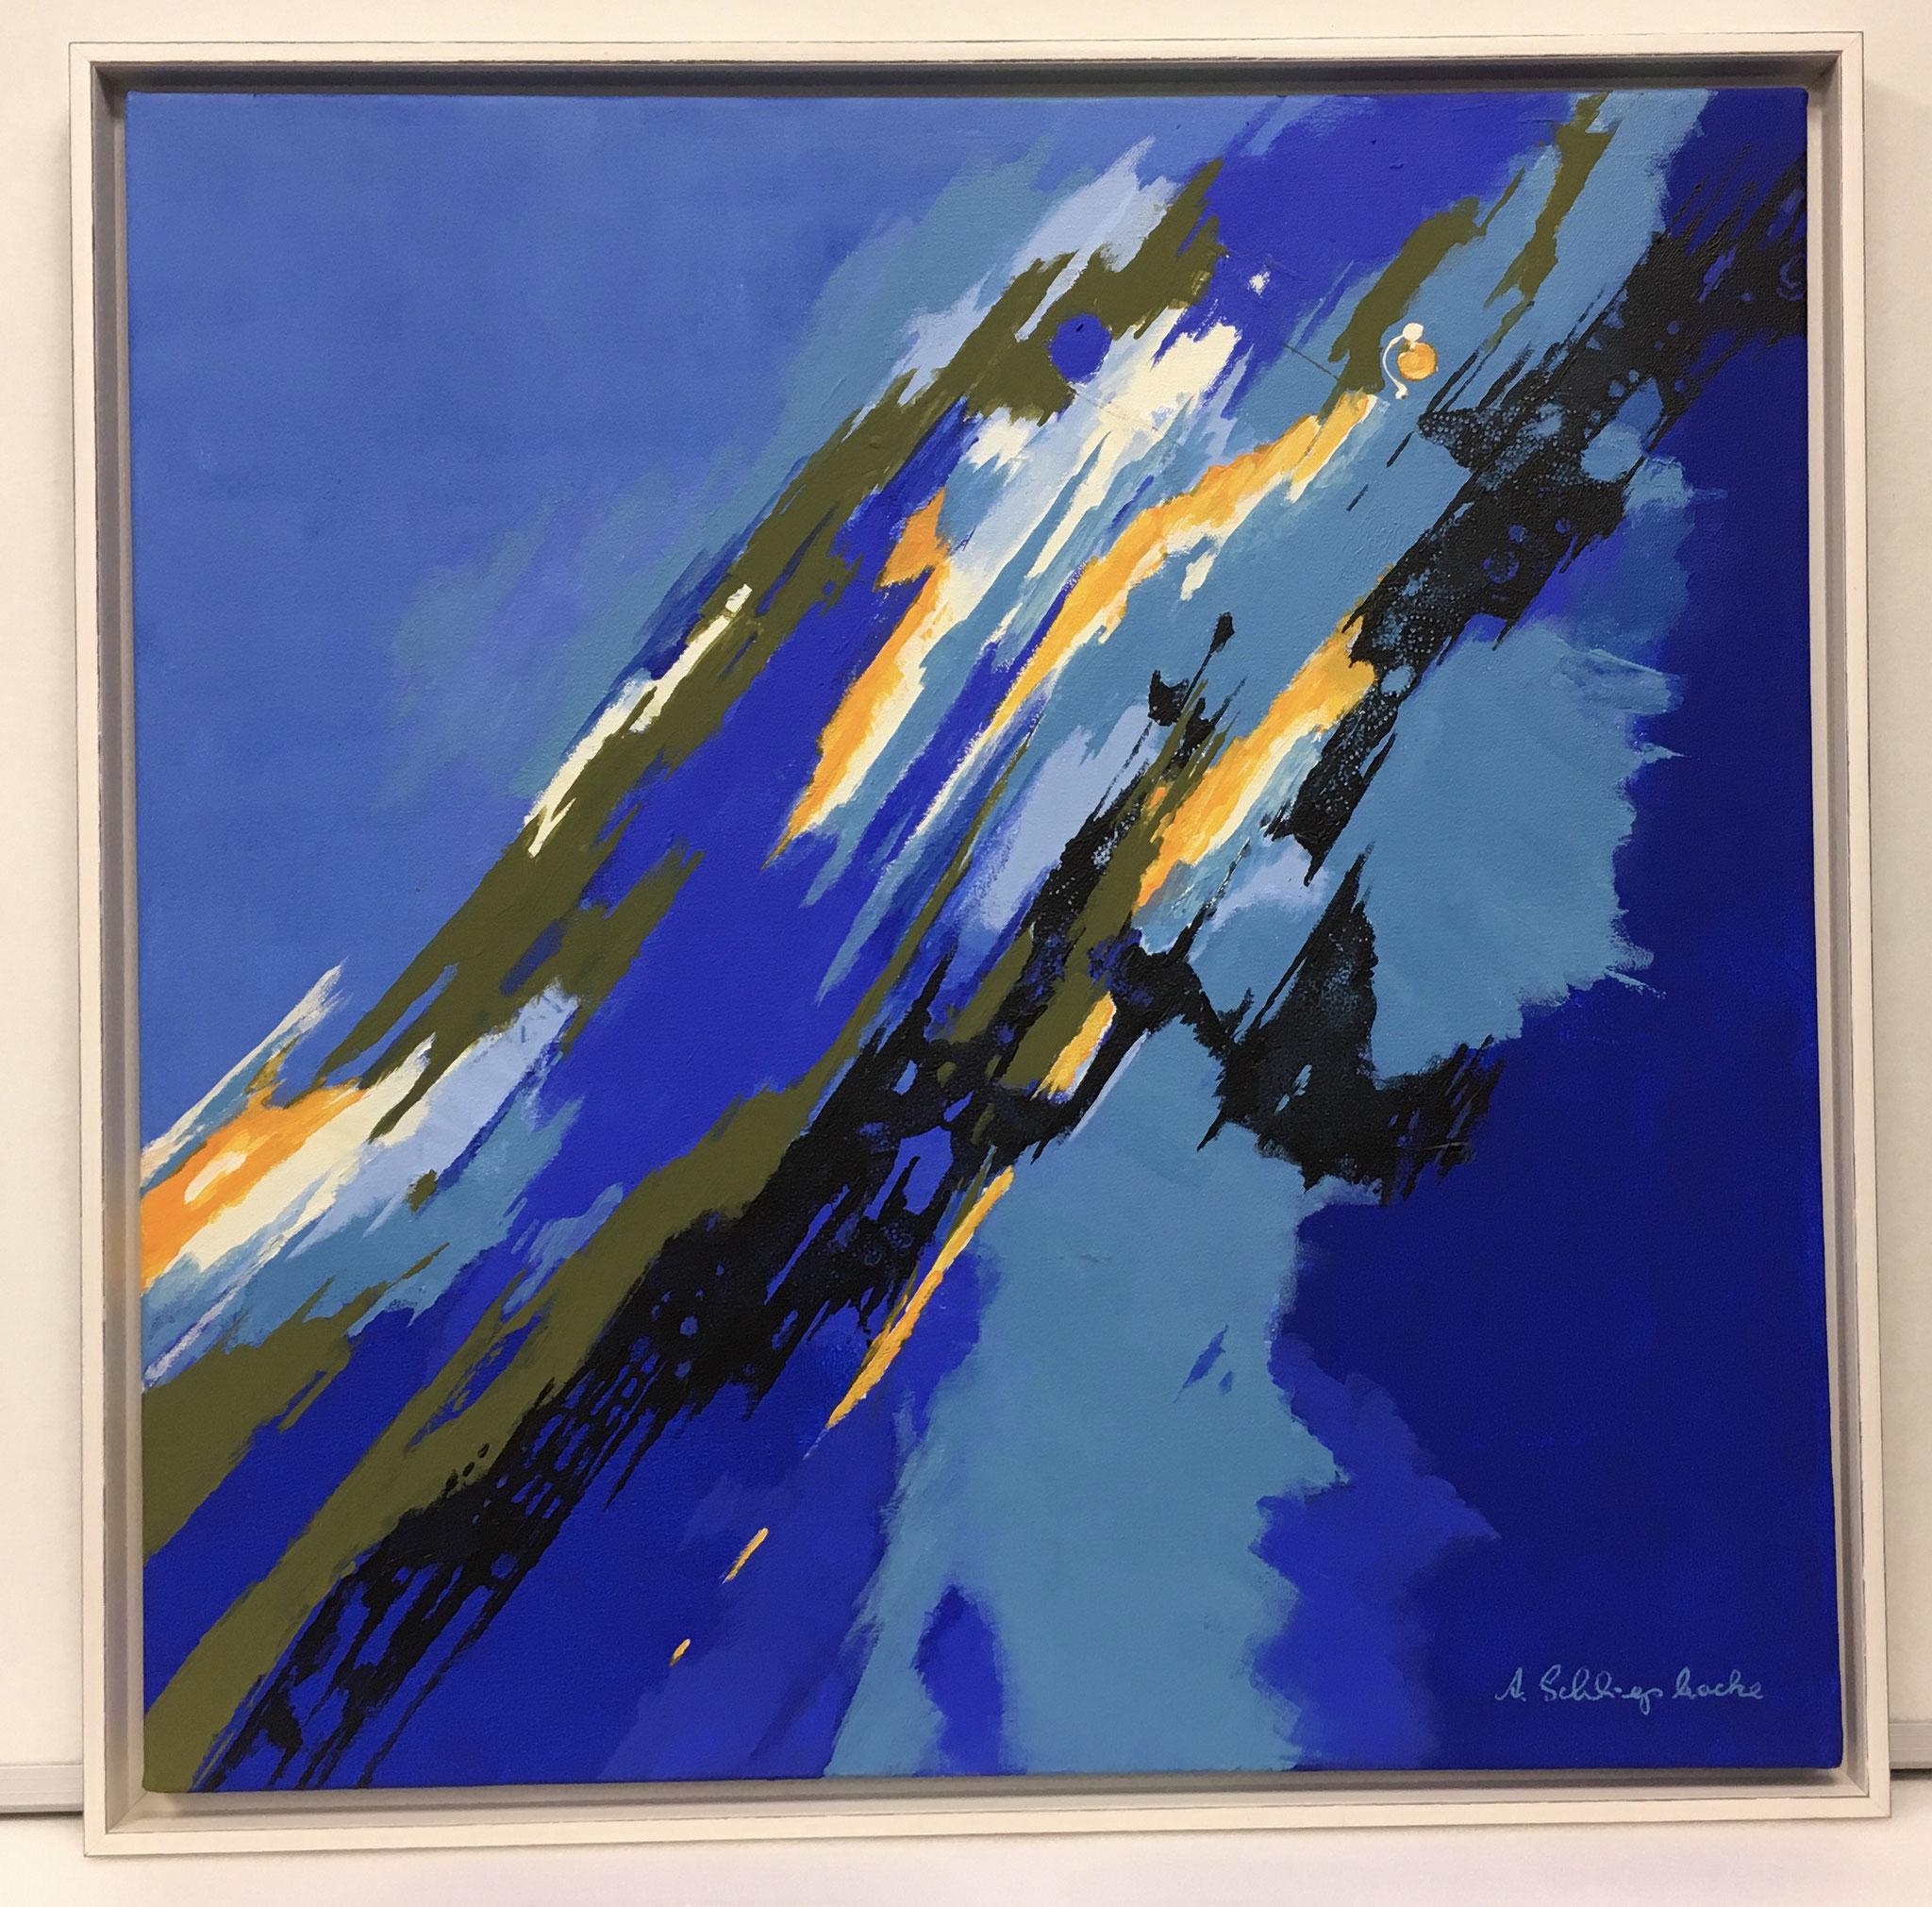 """Orig. Acrylbild auf Leinwand """"Diagonale im Blau"""" - 75 x 75cm - gerahmt 1.440,-€"""